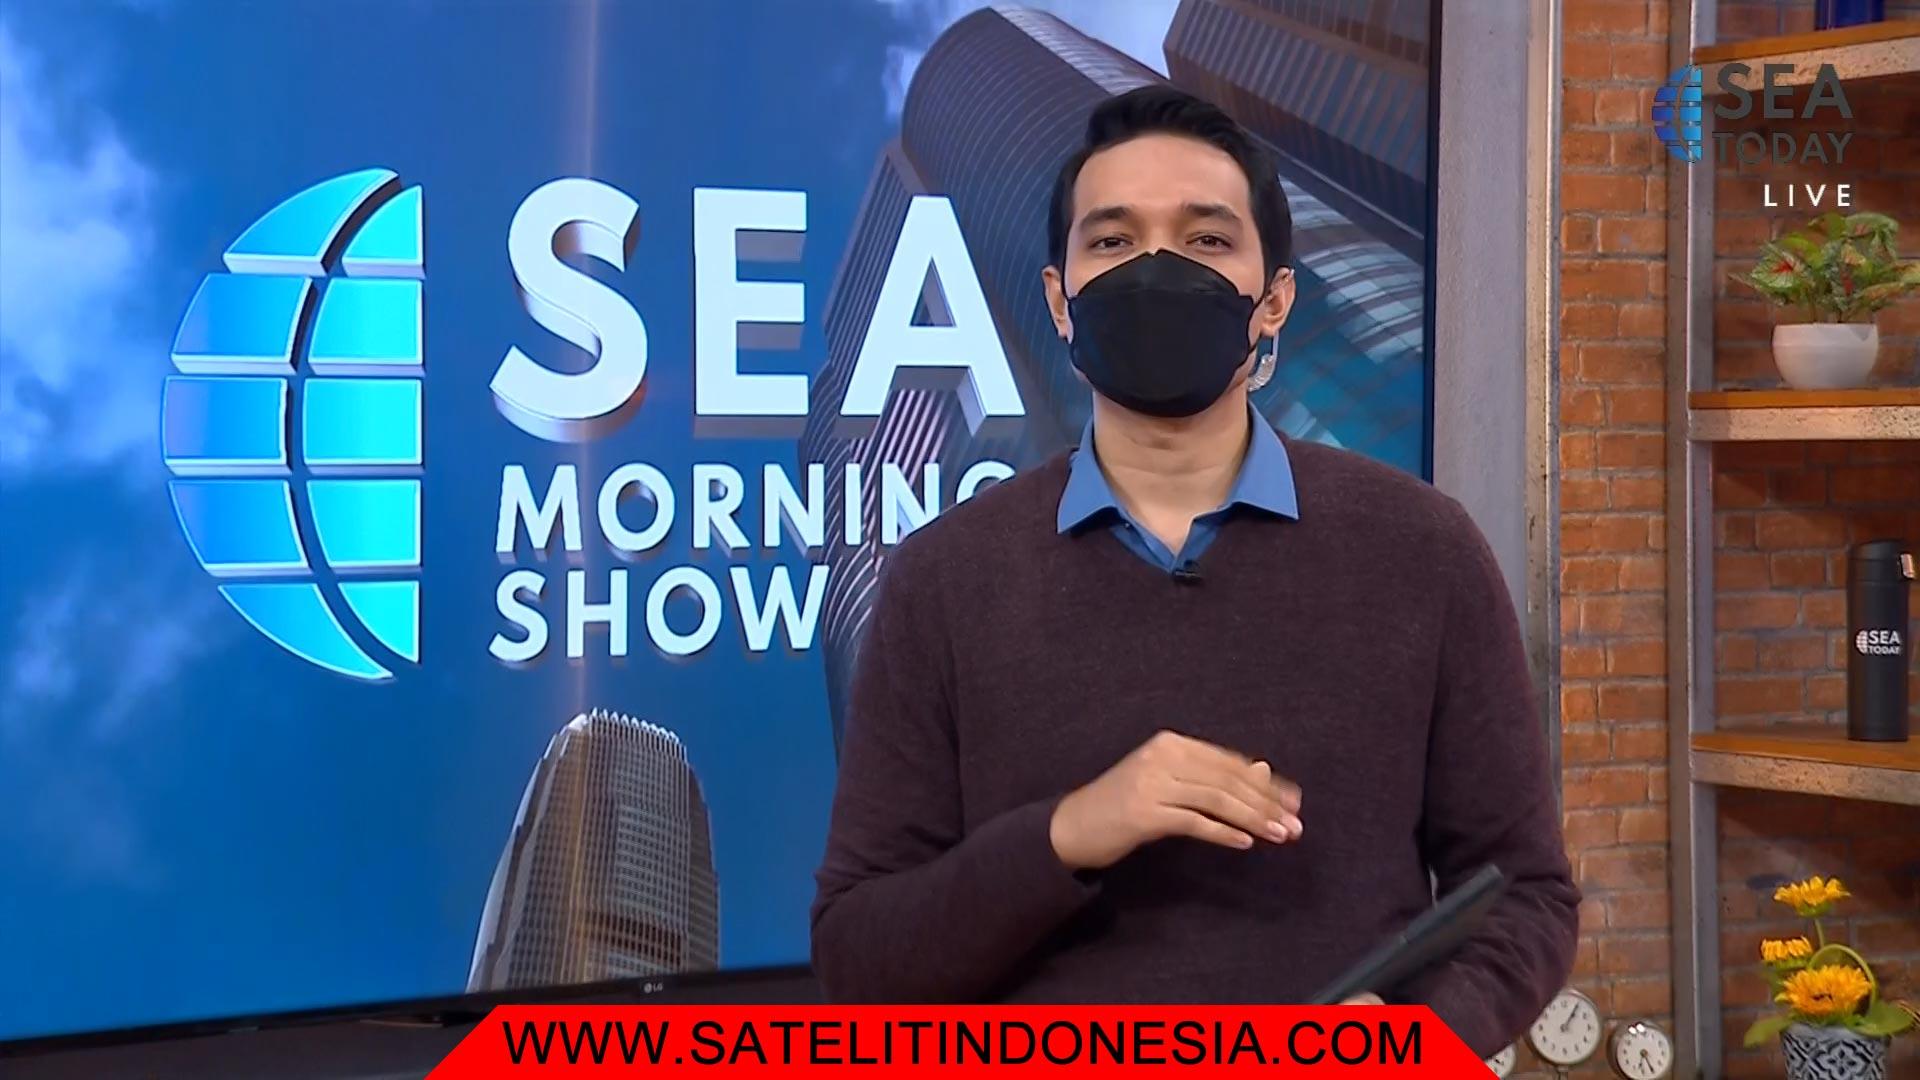 Frekuensi siaran Sea Today di satelit Telkom 4 Terbaru